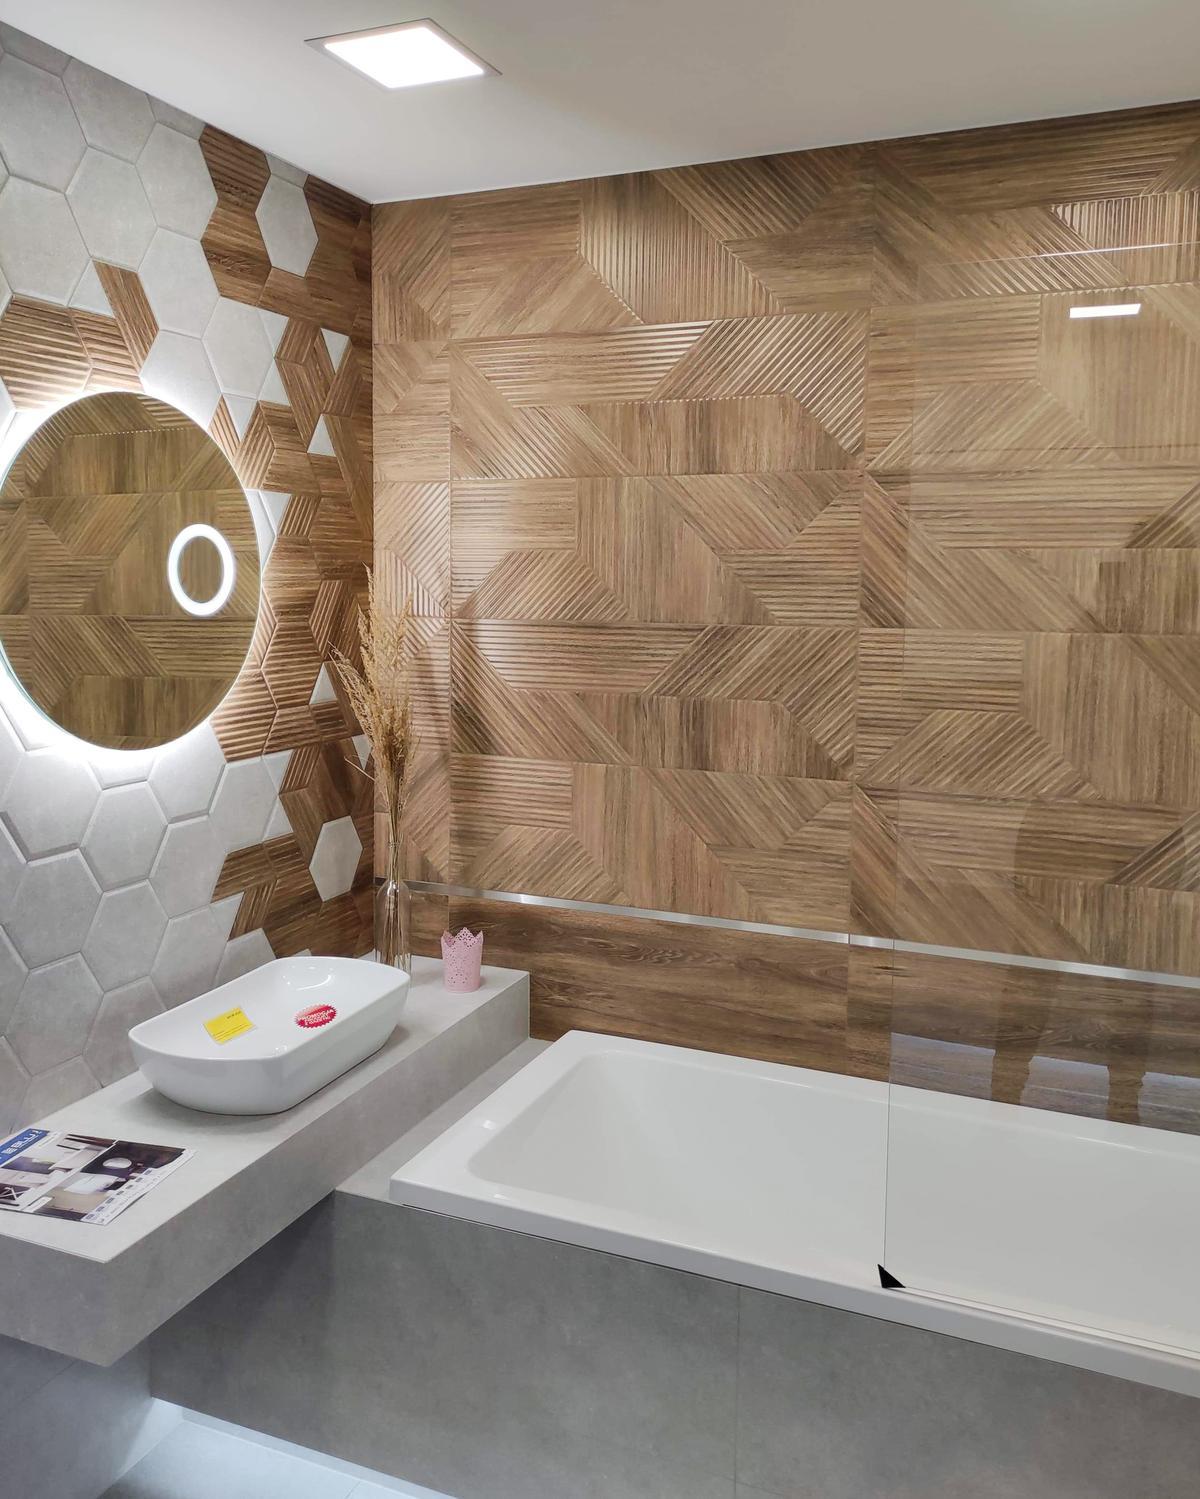 Wanna w szarej zabudowie w BLU Września - zdjęcie od BLU salon łazienek Września